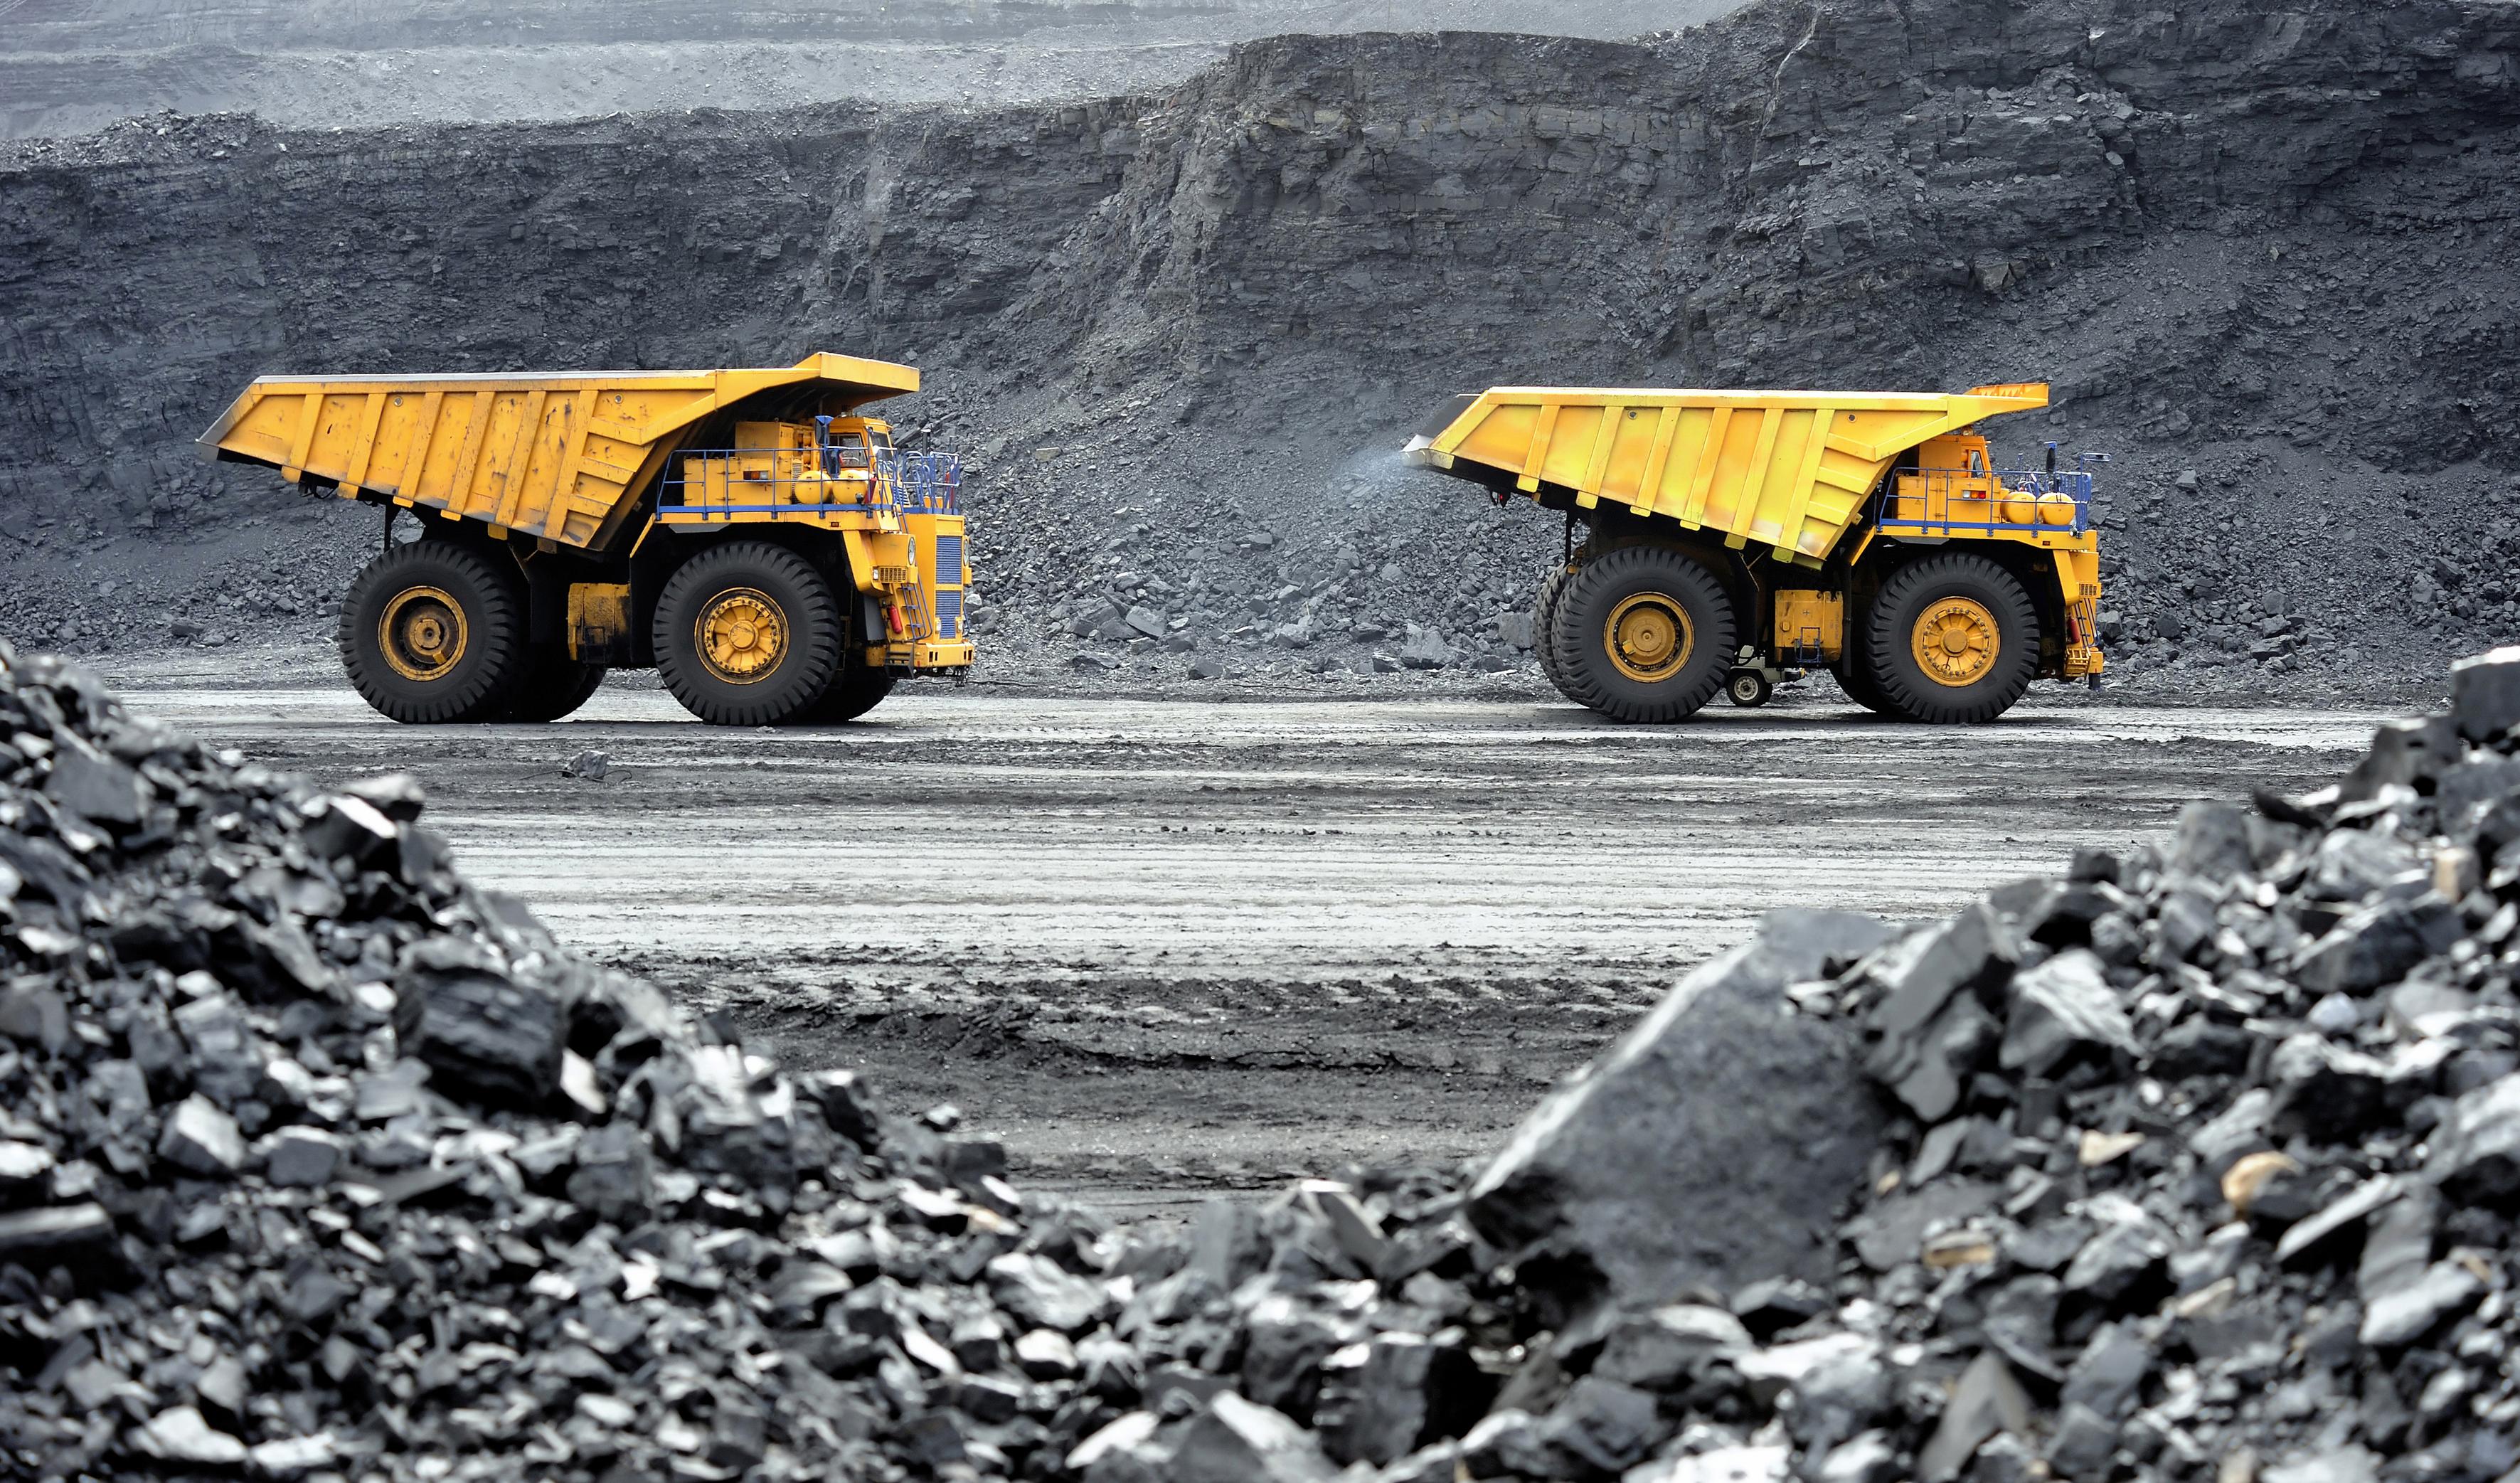 افزایش 7.2 میلیارد دلاری صادرات مواد معدنی